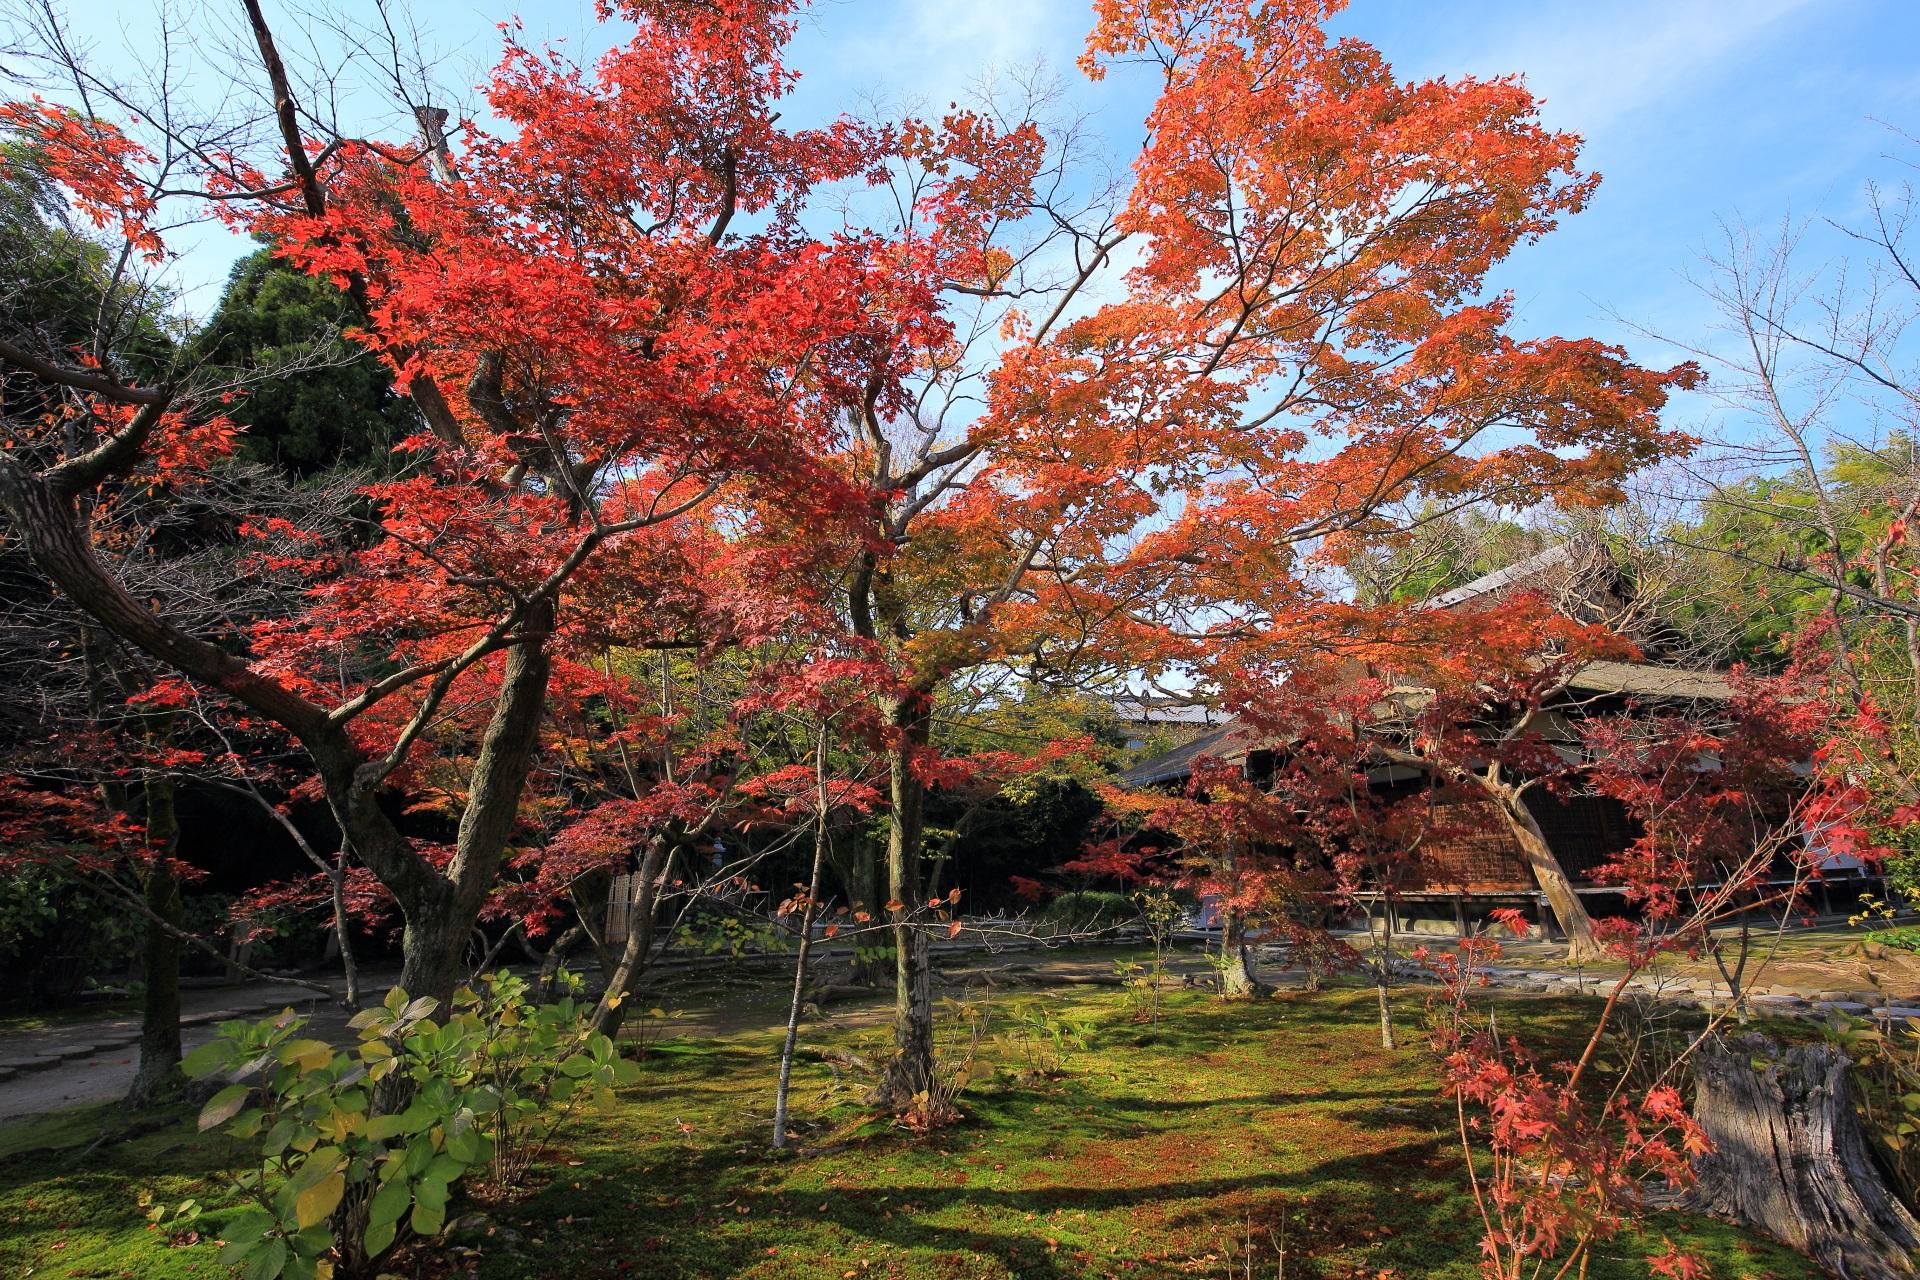 勧修寺の本堂前の庭園の見ごろの紅葉